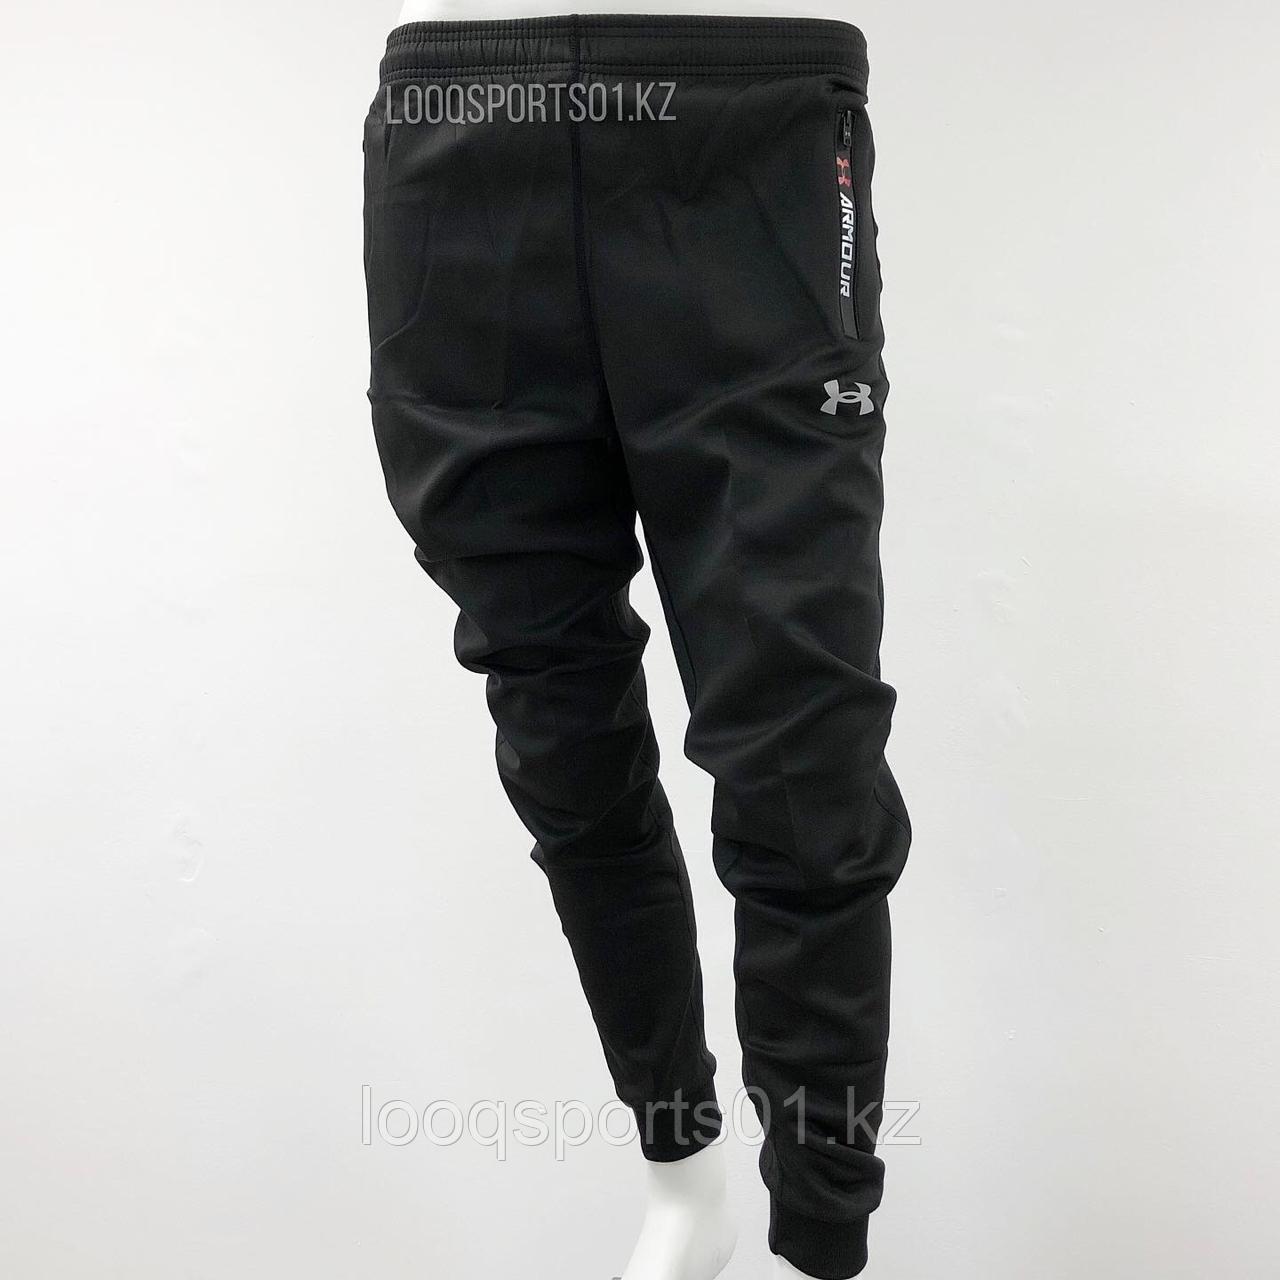 Мужские спортивные штаны (трико) 1895